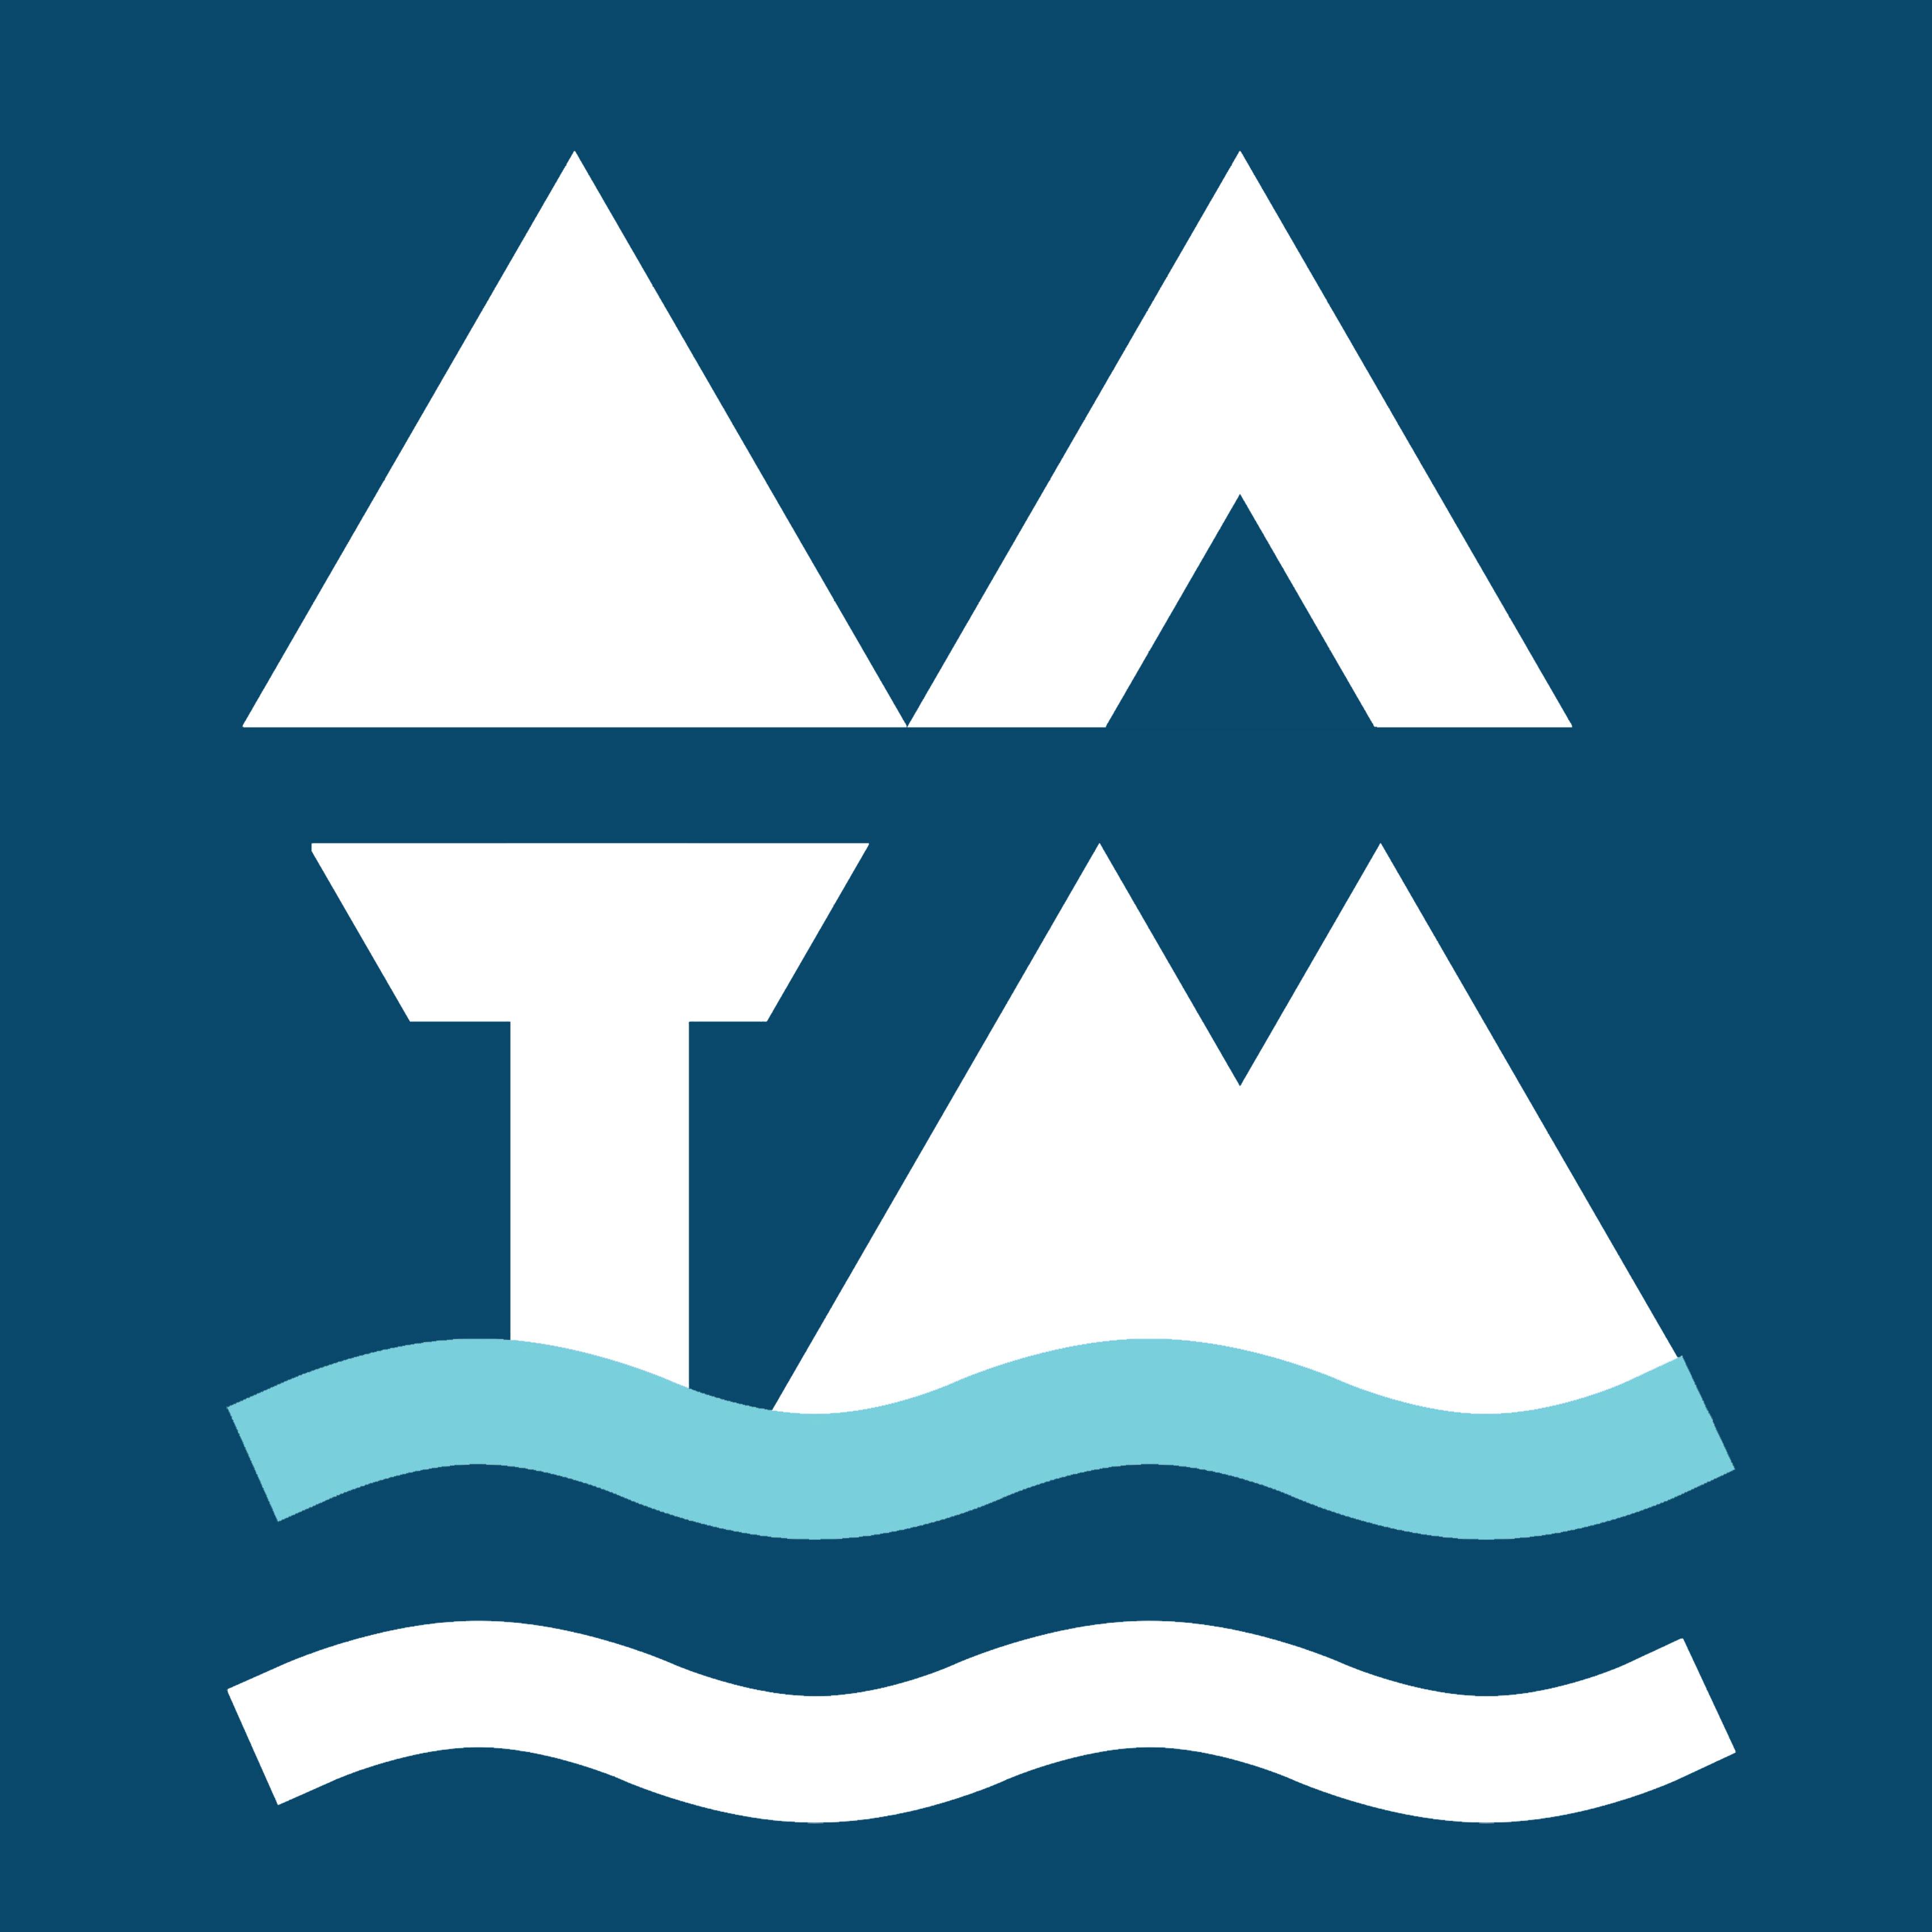 """Πρόσκληση Συνεδρίασης Ν.Π.Δ.Δ. """"Δημοτικό Λιμενικό Ταμείο Μαρκοπούλου Μεσόγαιας"""" 21-4-2021"""